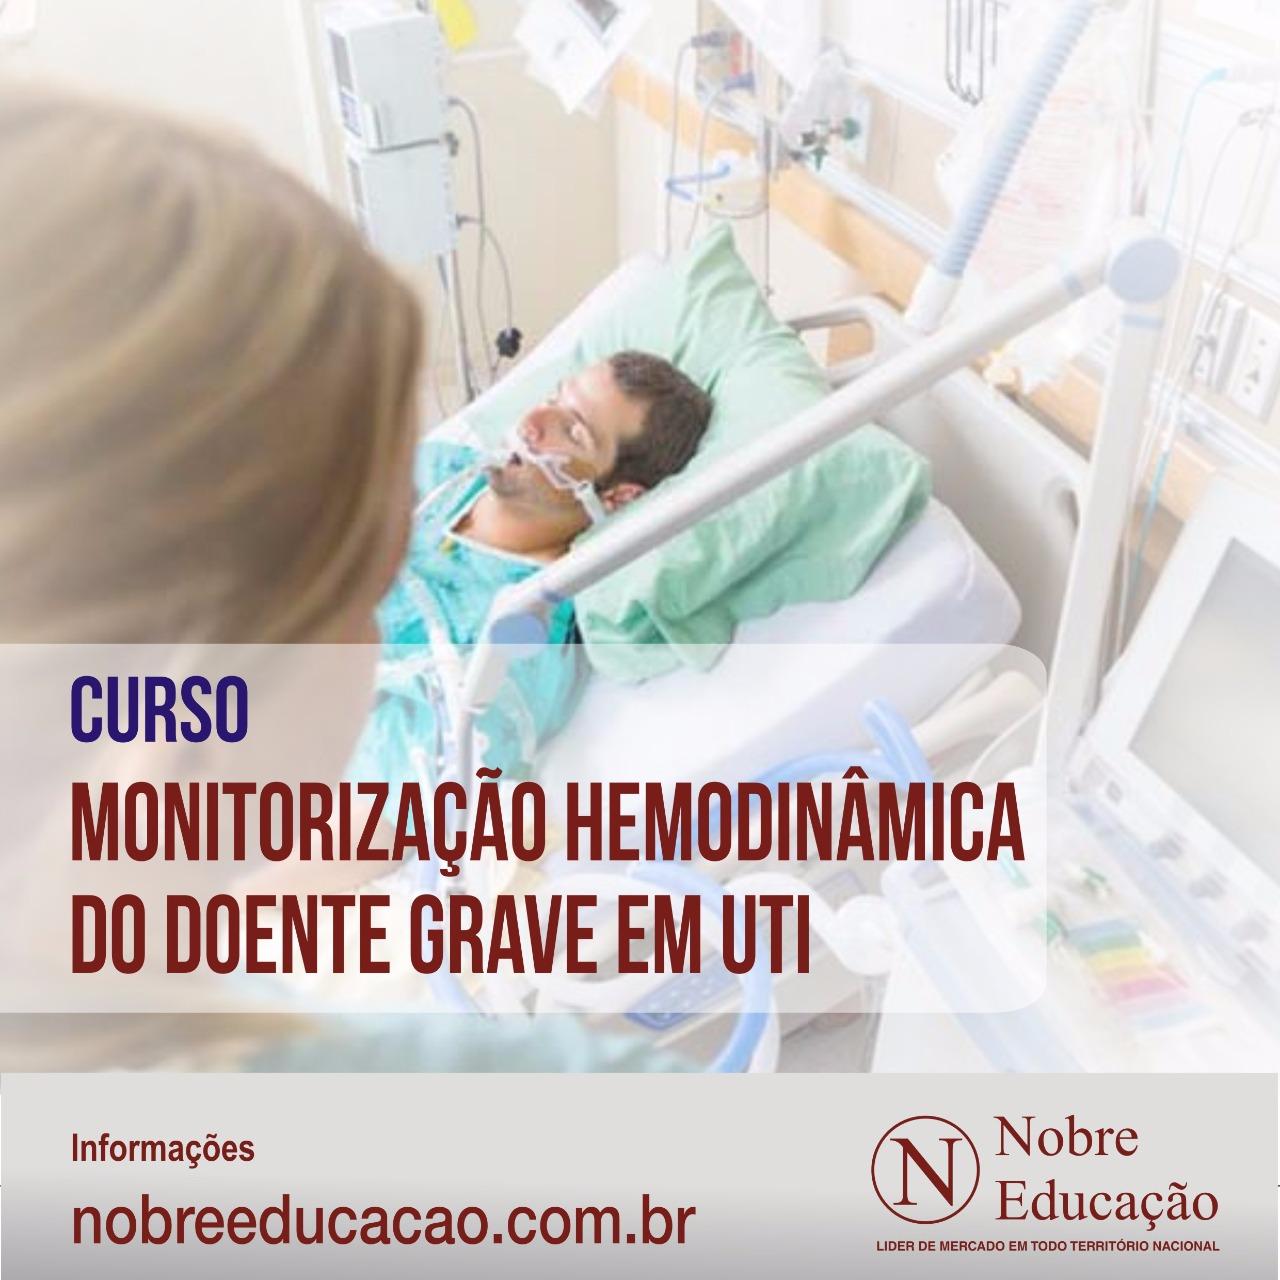 Monitorização Hemodinâmica do Doente Grave em UTI